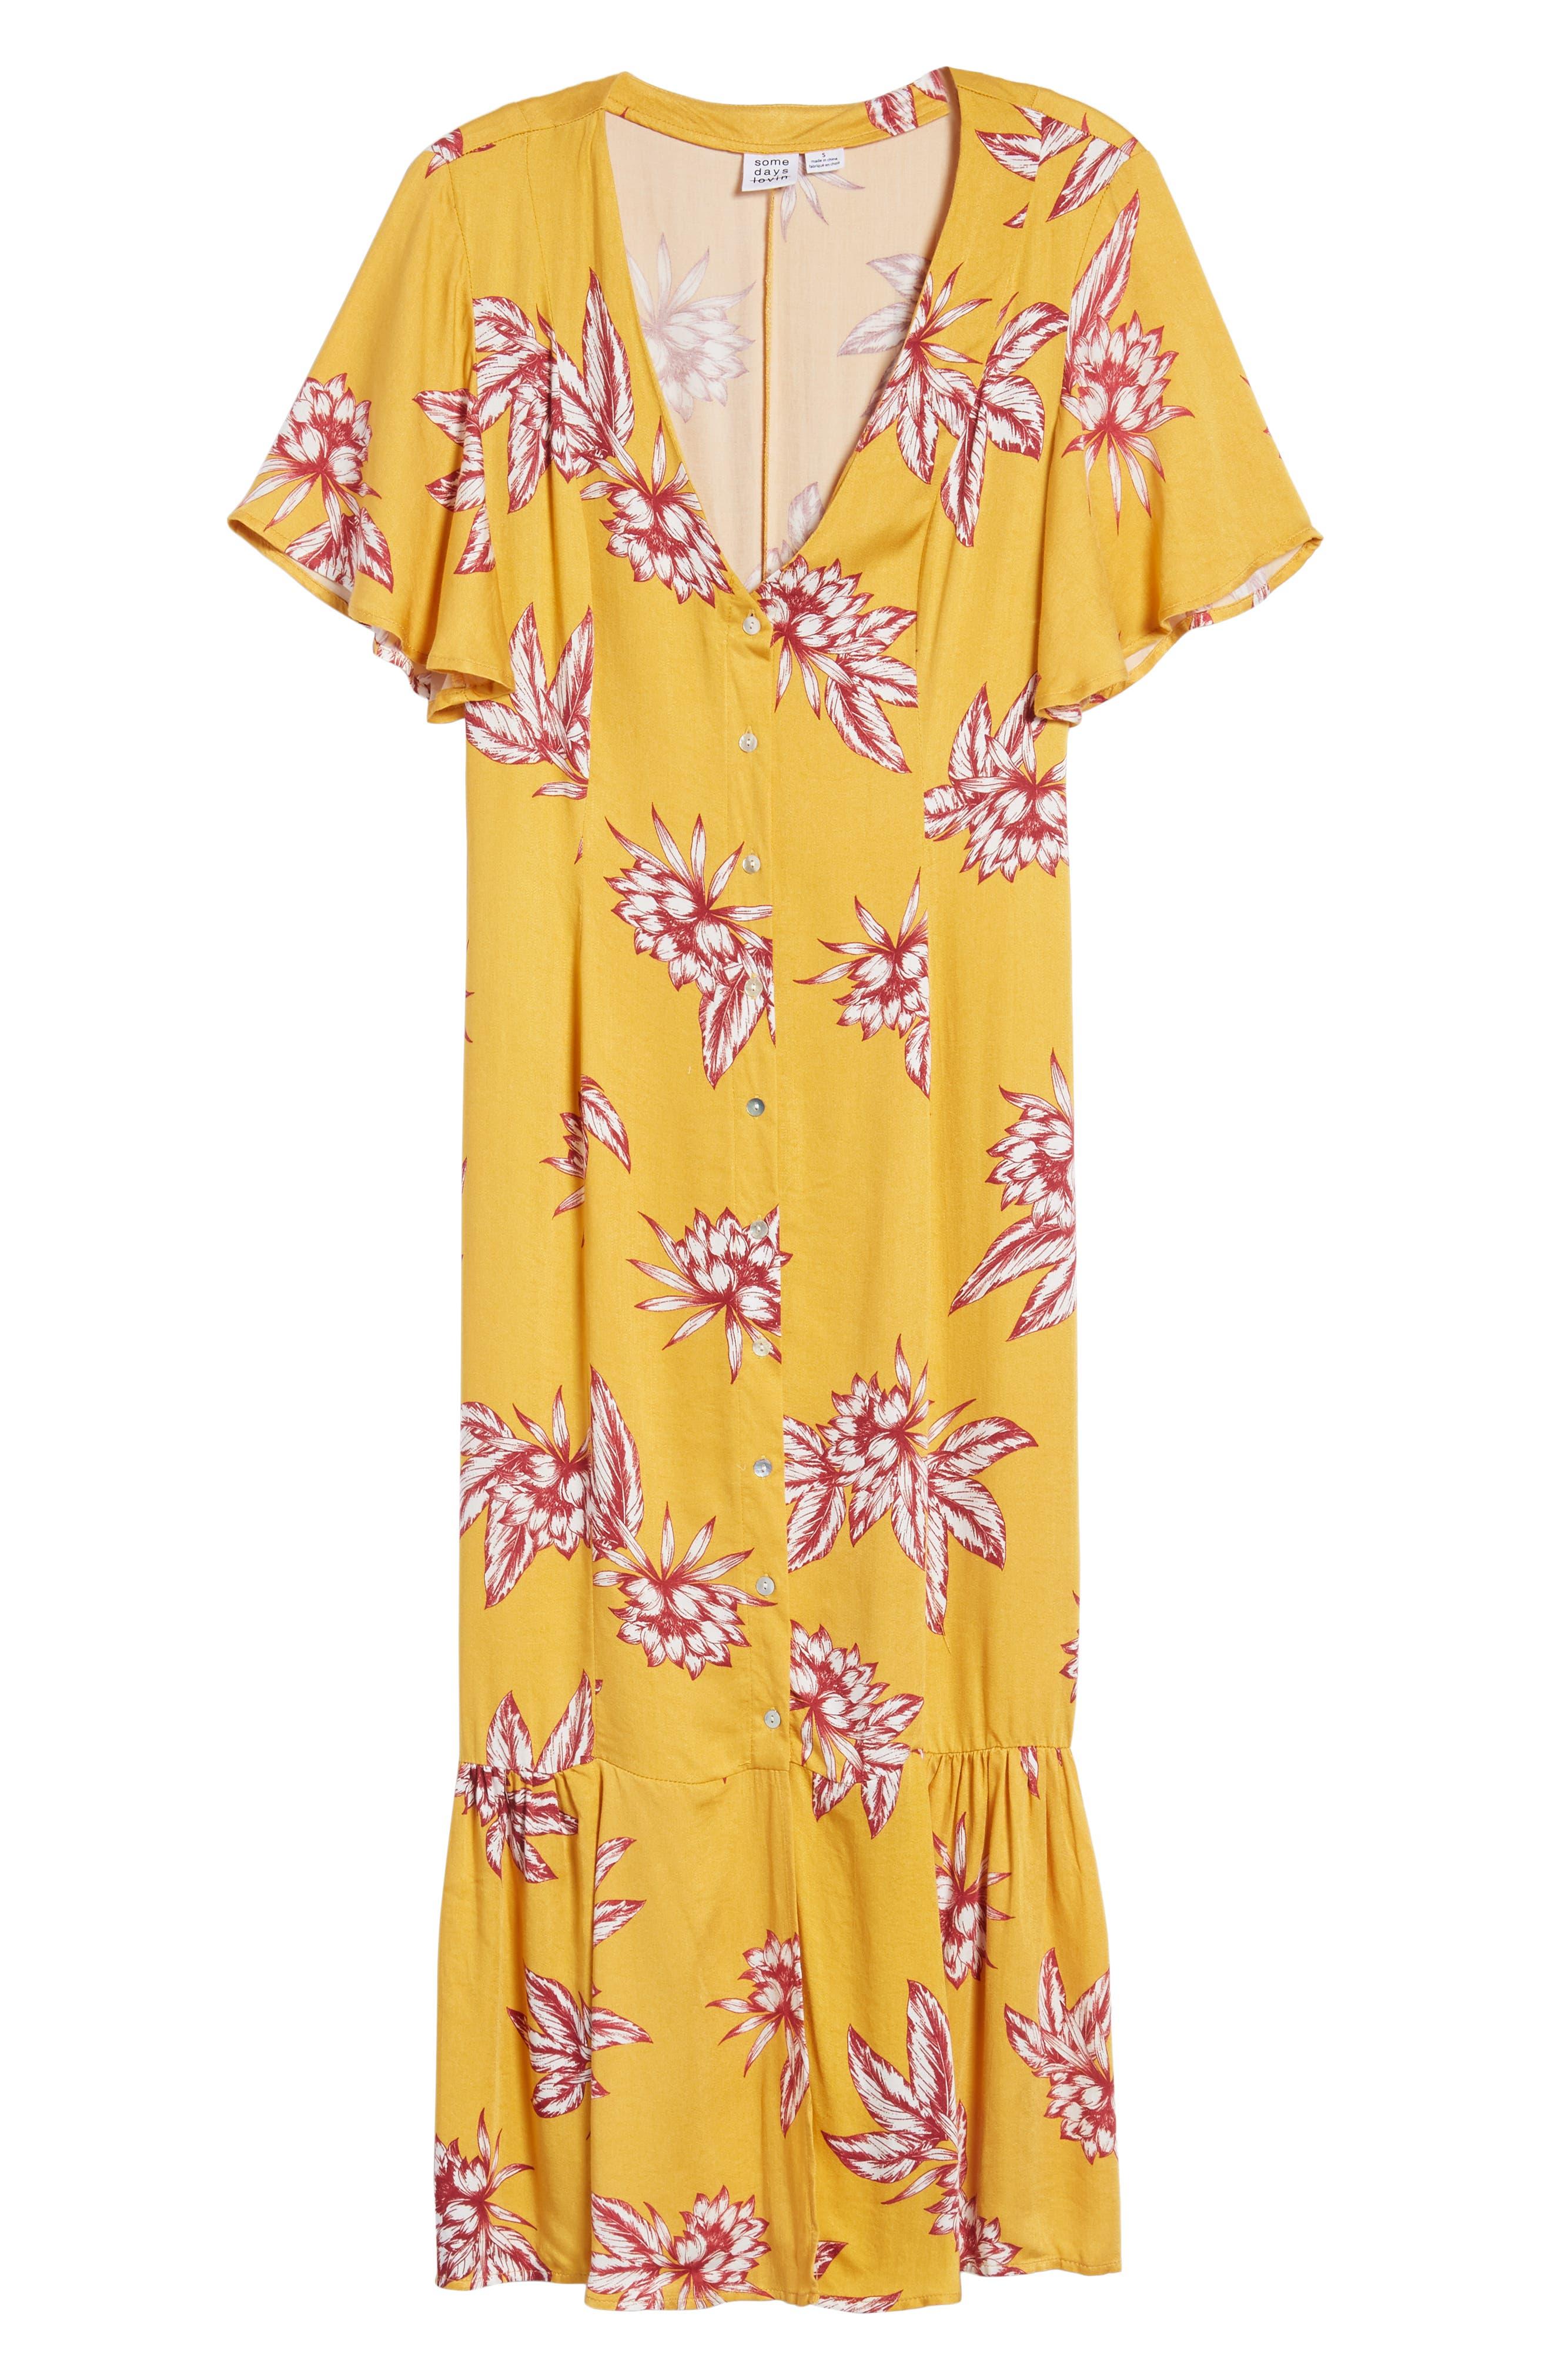 Searing Soul Midi Dress,                             Alternate thumbnail 8, color,                             Multi